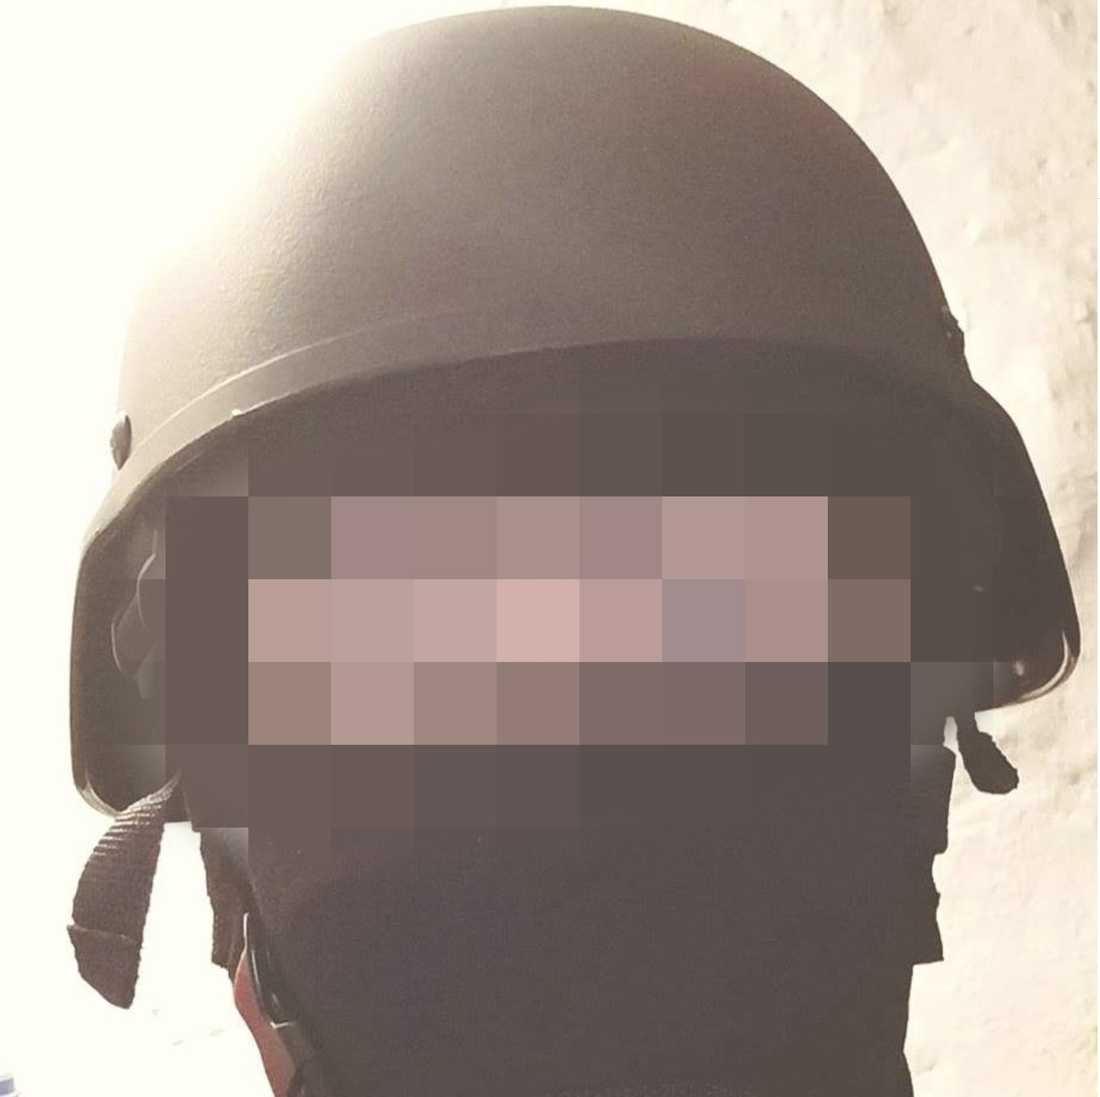 På sin Facebookprofil hade 21-åringen en bild på sig själv i militärhjälm.